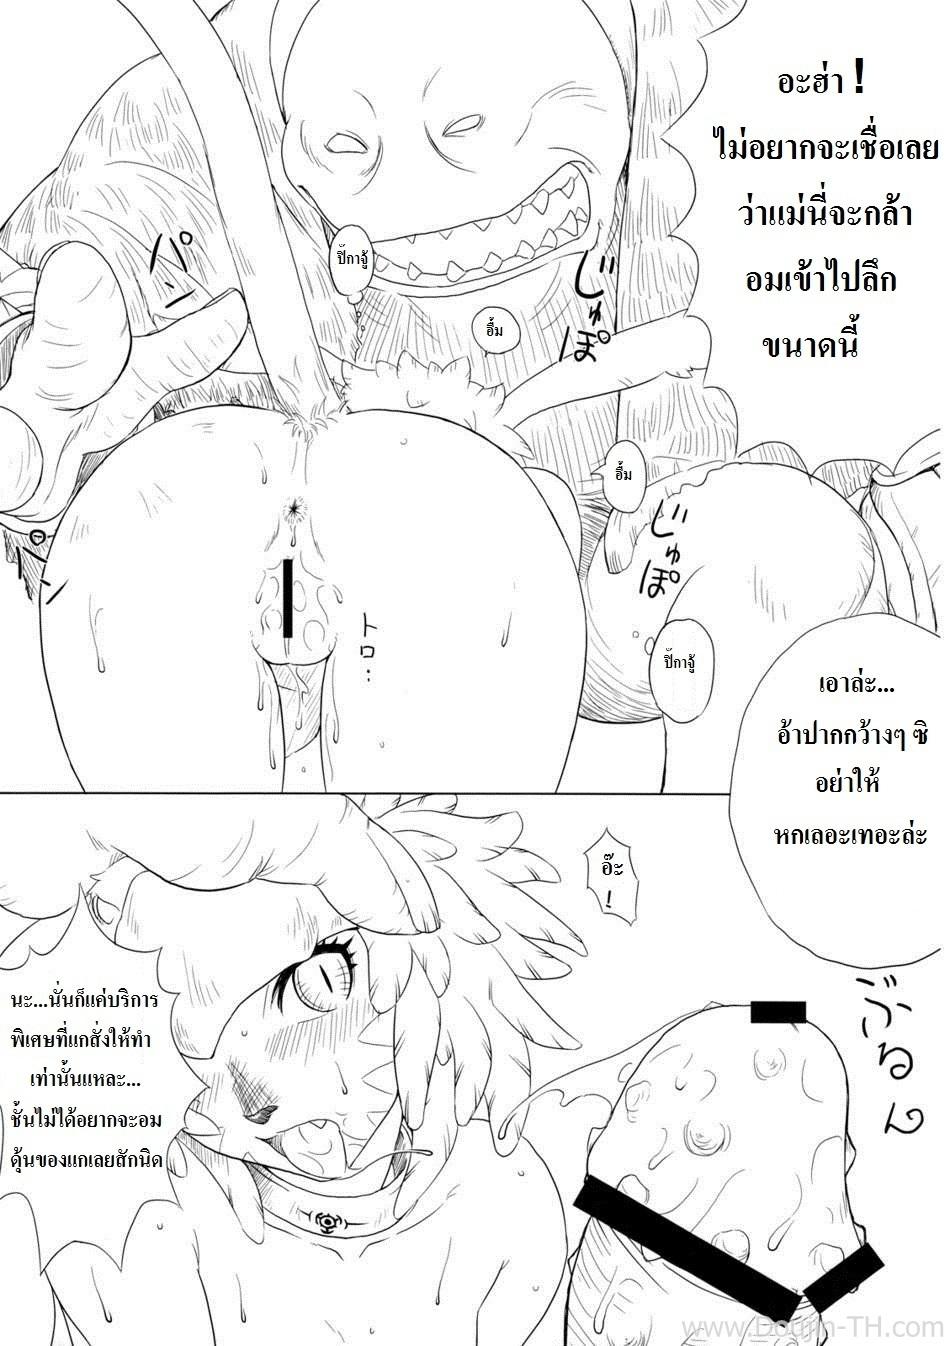 ออคป่ากินแมวน้อย - หน้า 12